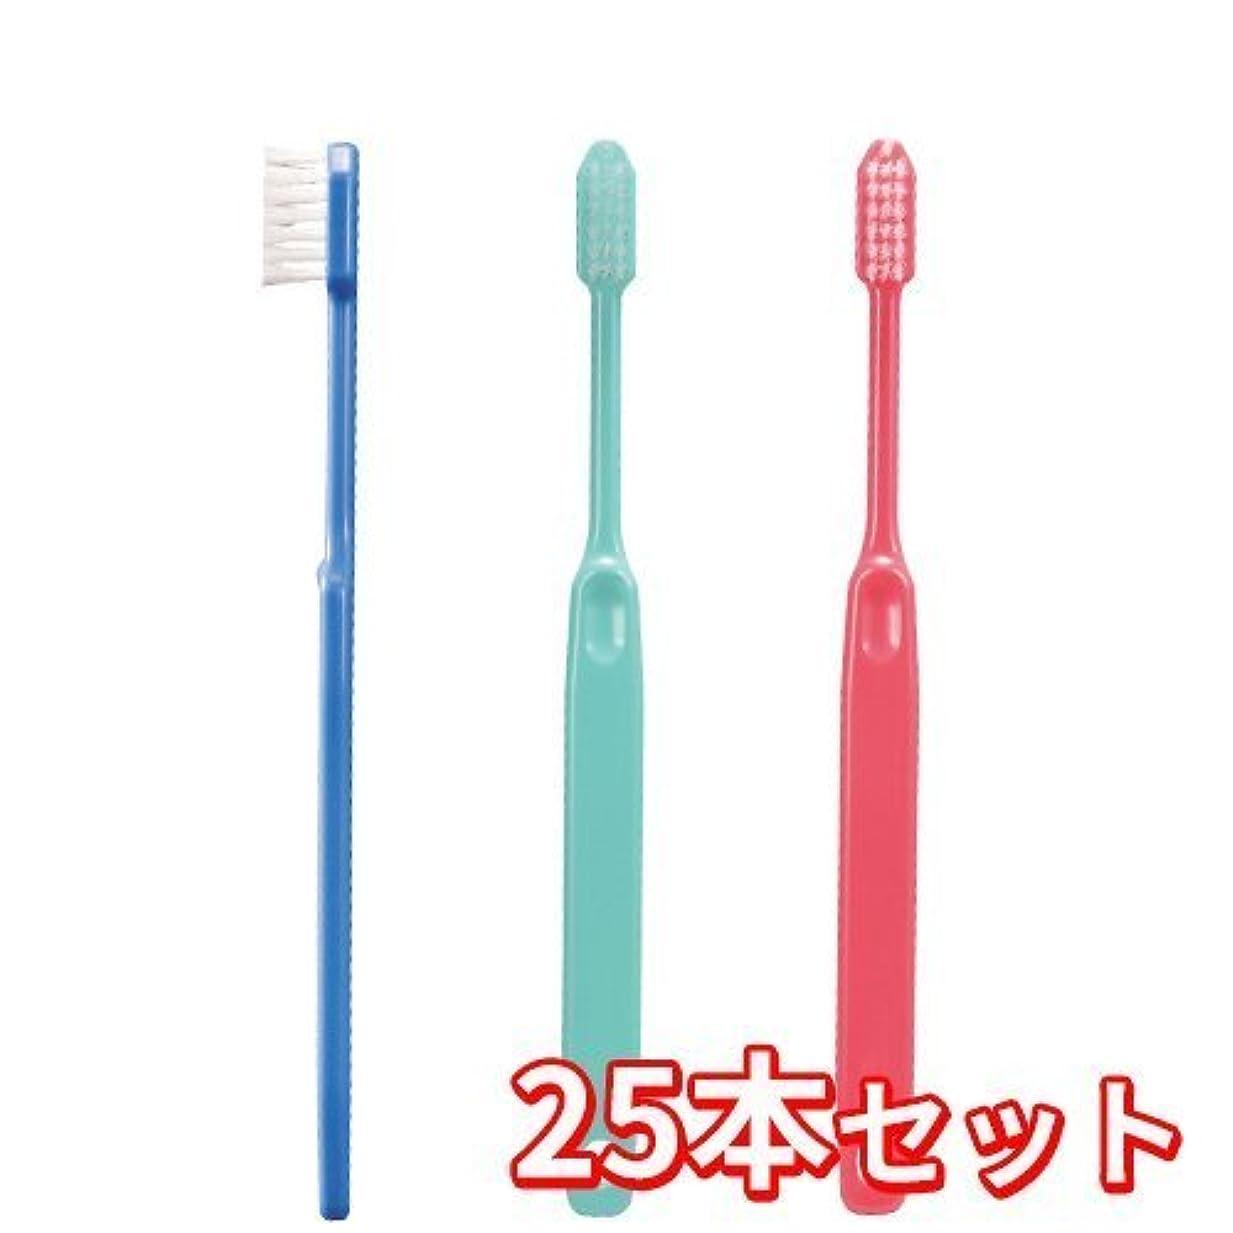 多様なオーバーヘッド電話するCiメディカル 歯ブラシ コンパクトヘッド 疎毛タイプ アソート 25本 (Ci25(やわらかめ))